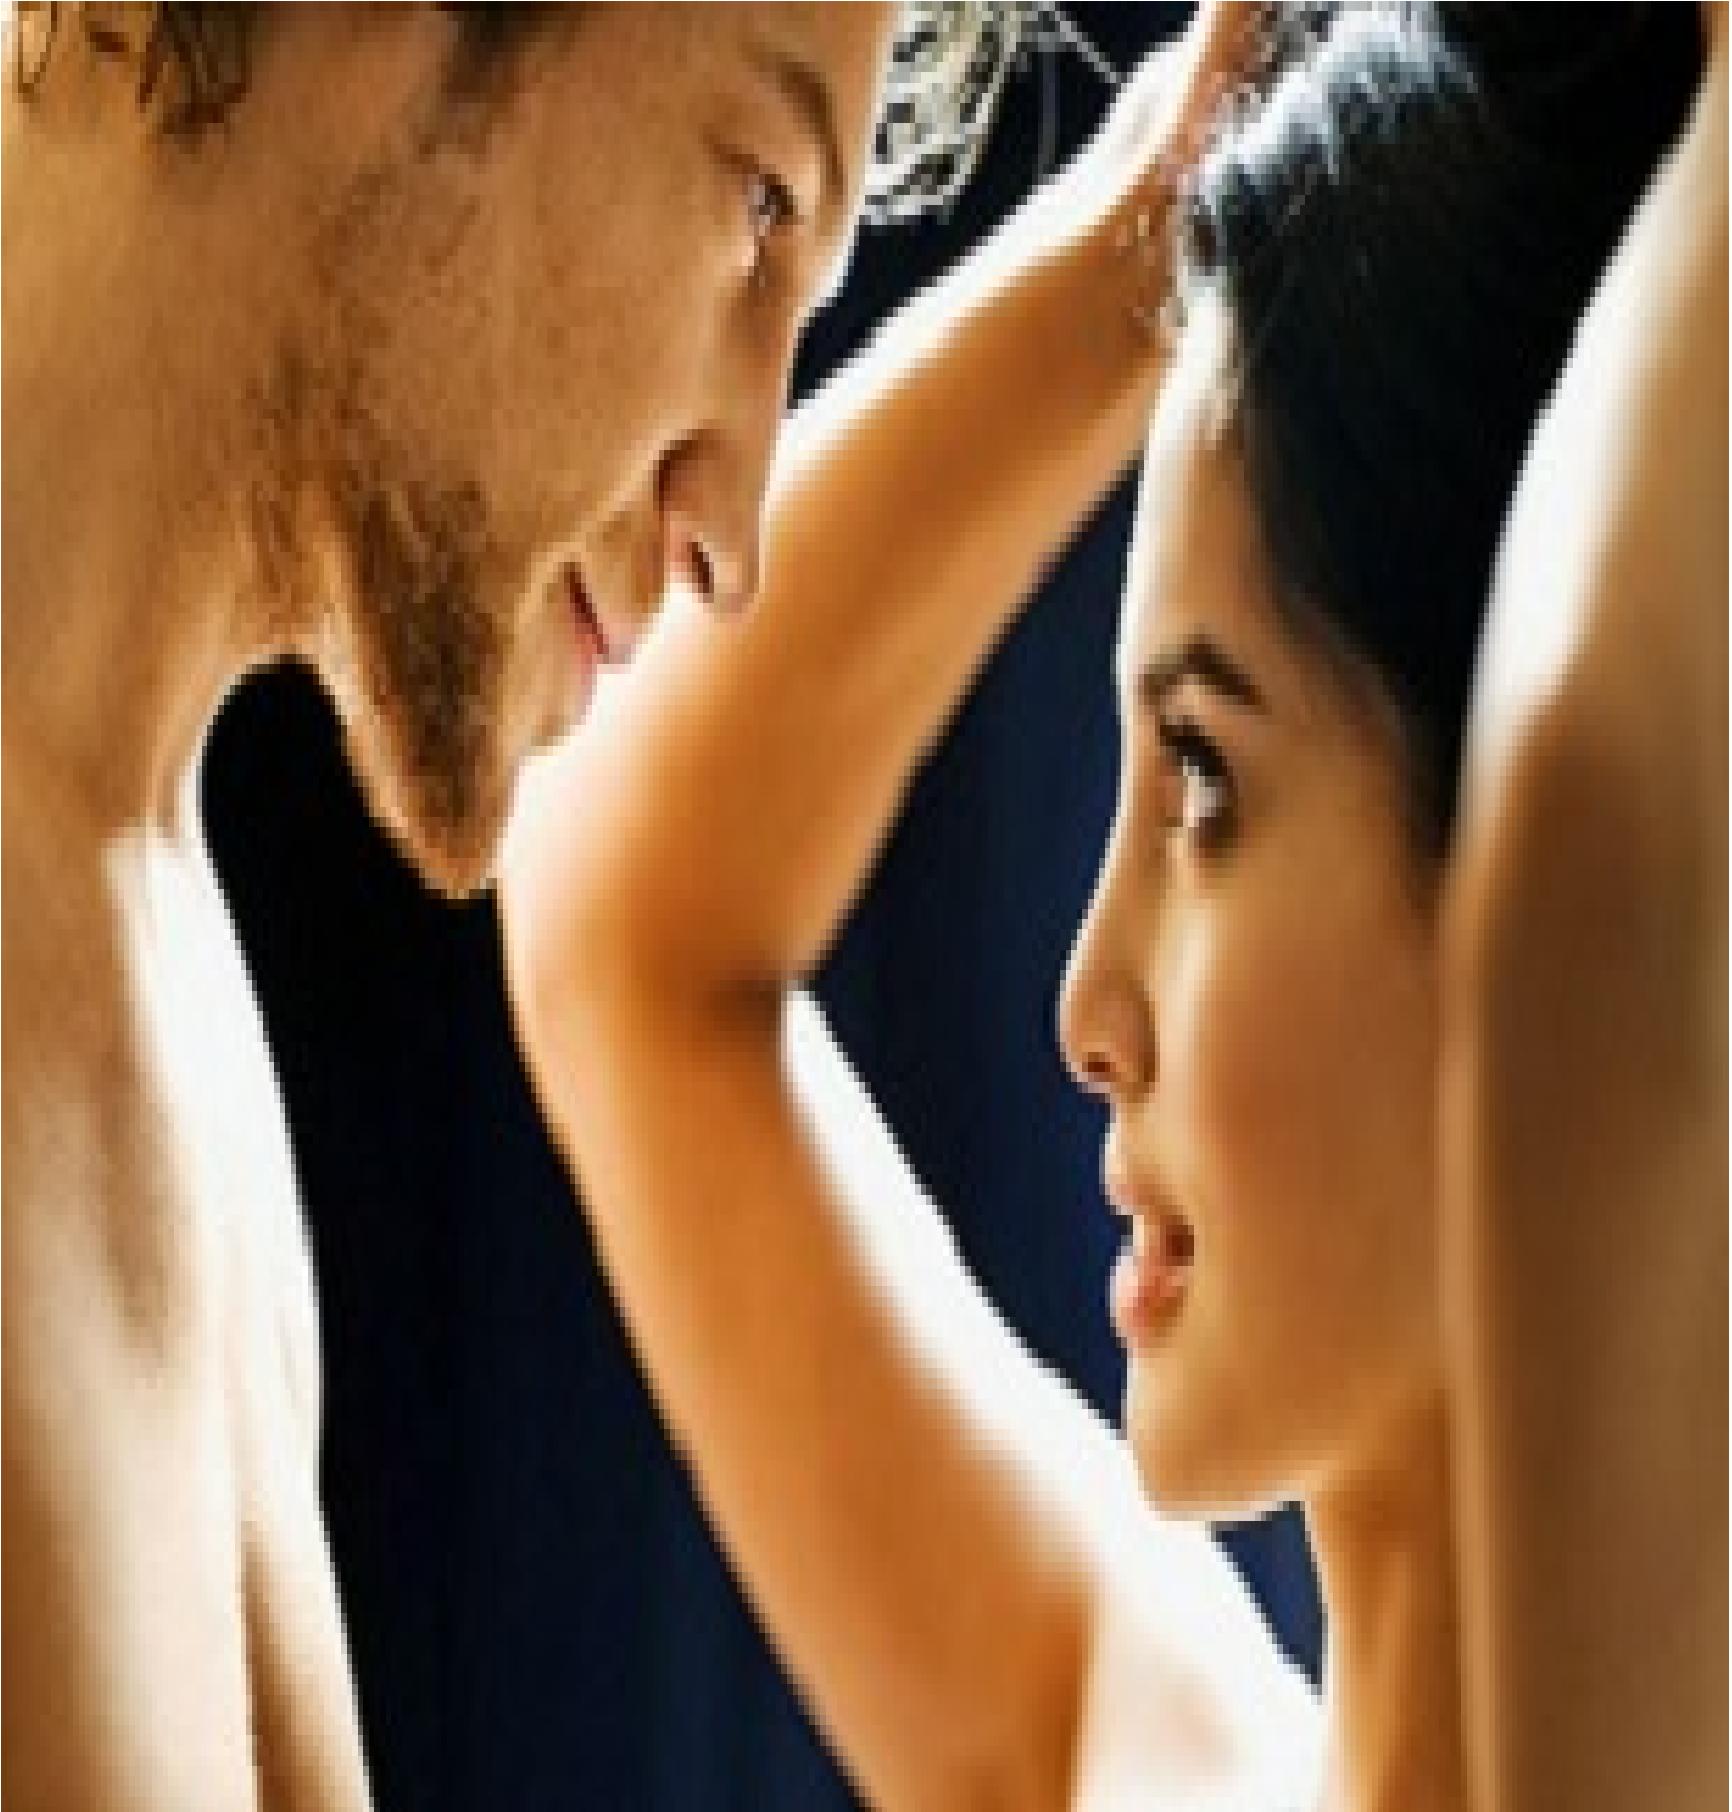 Como atraer mujeres sexualmente